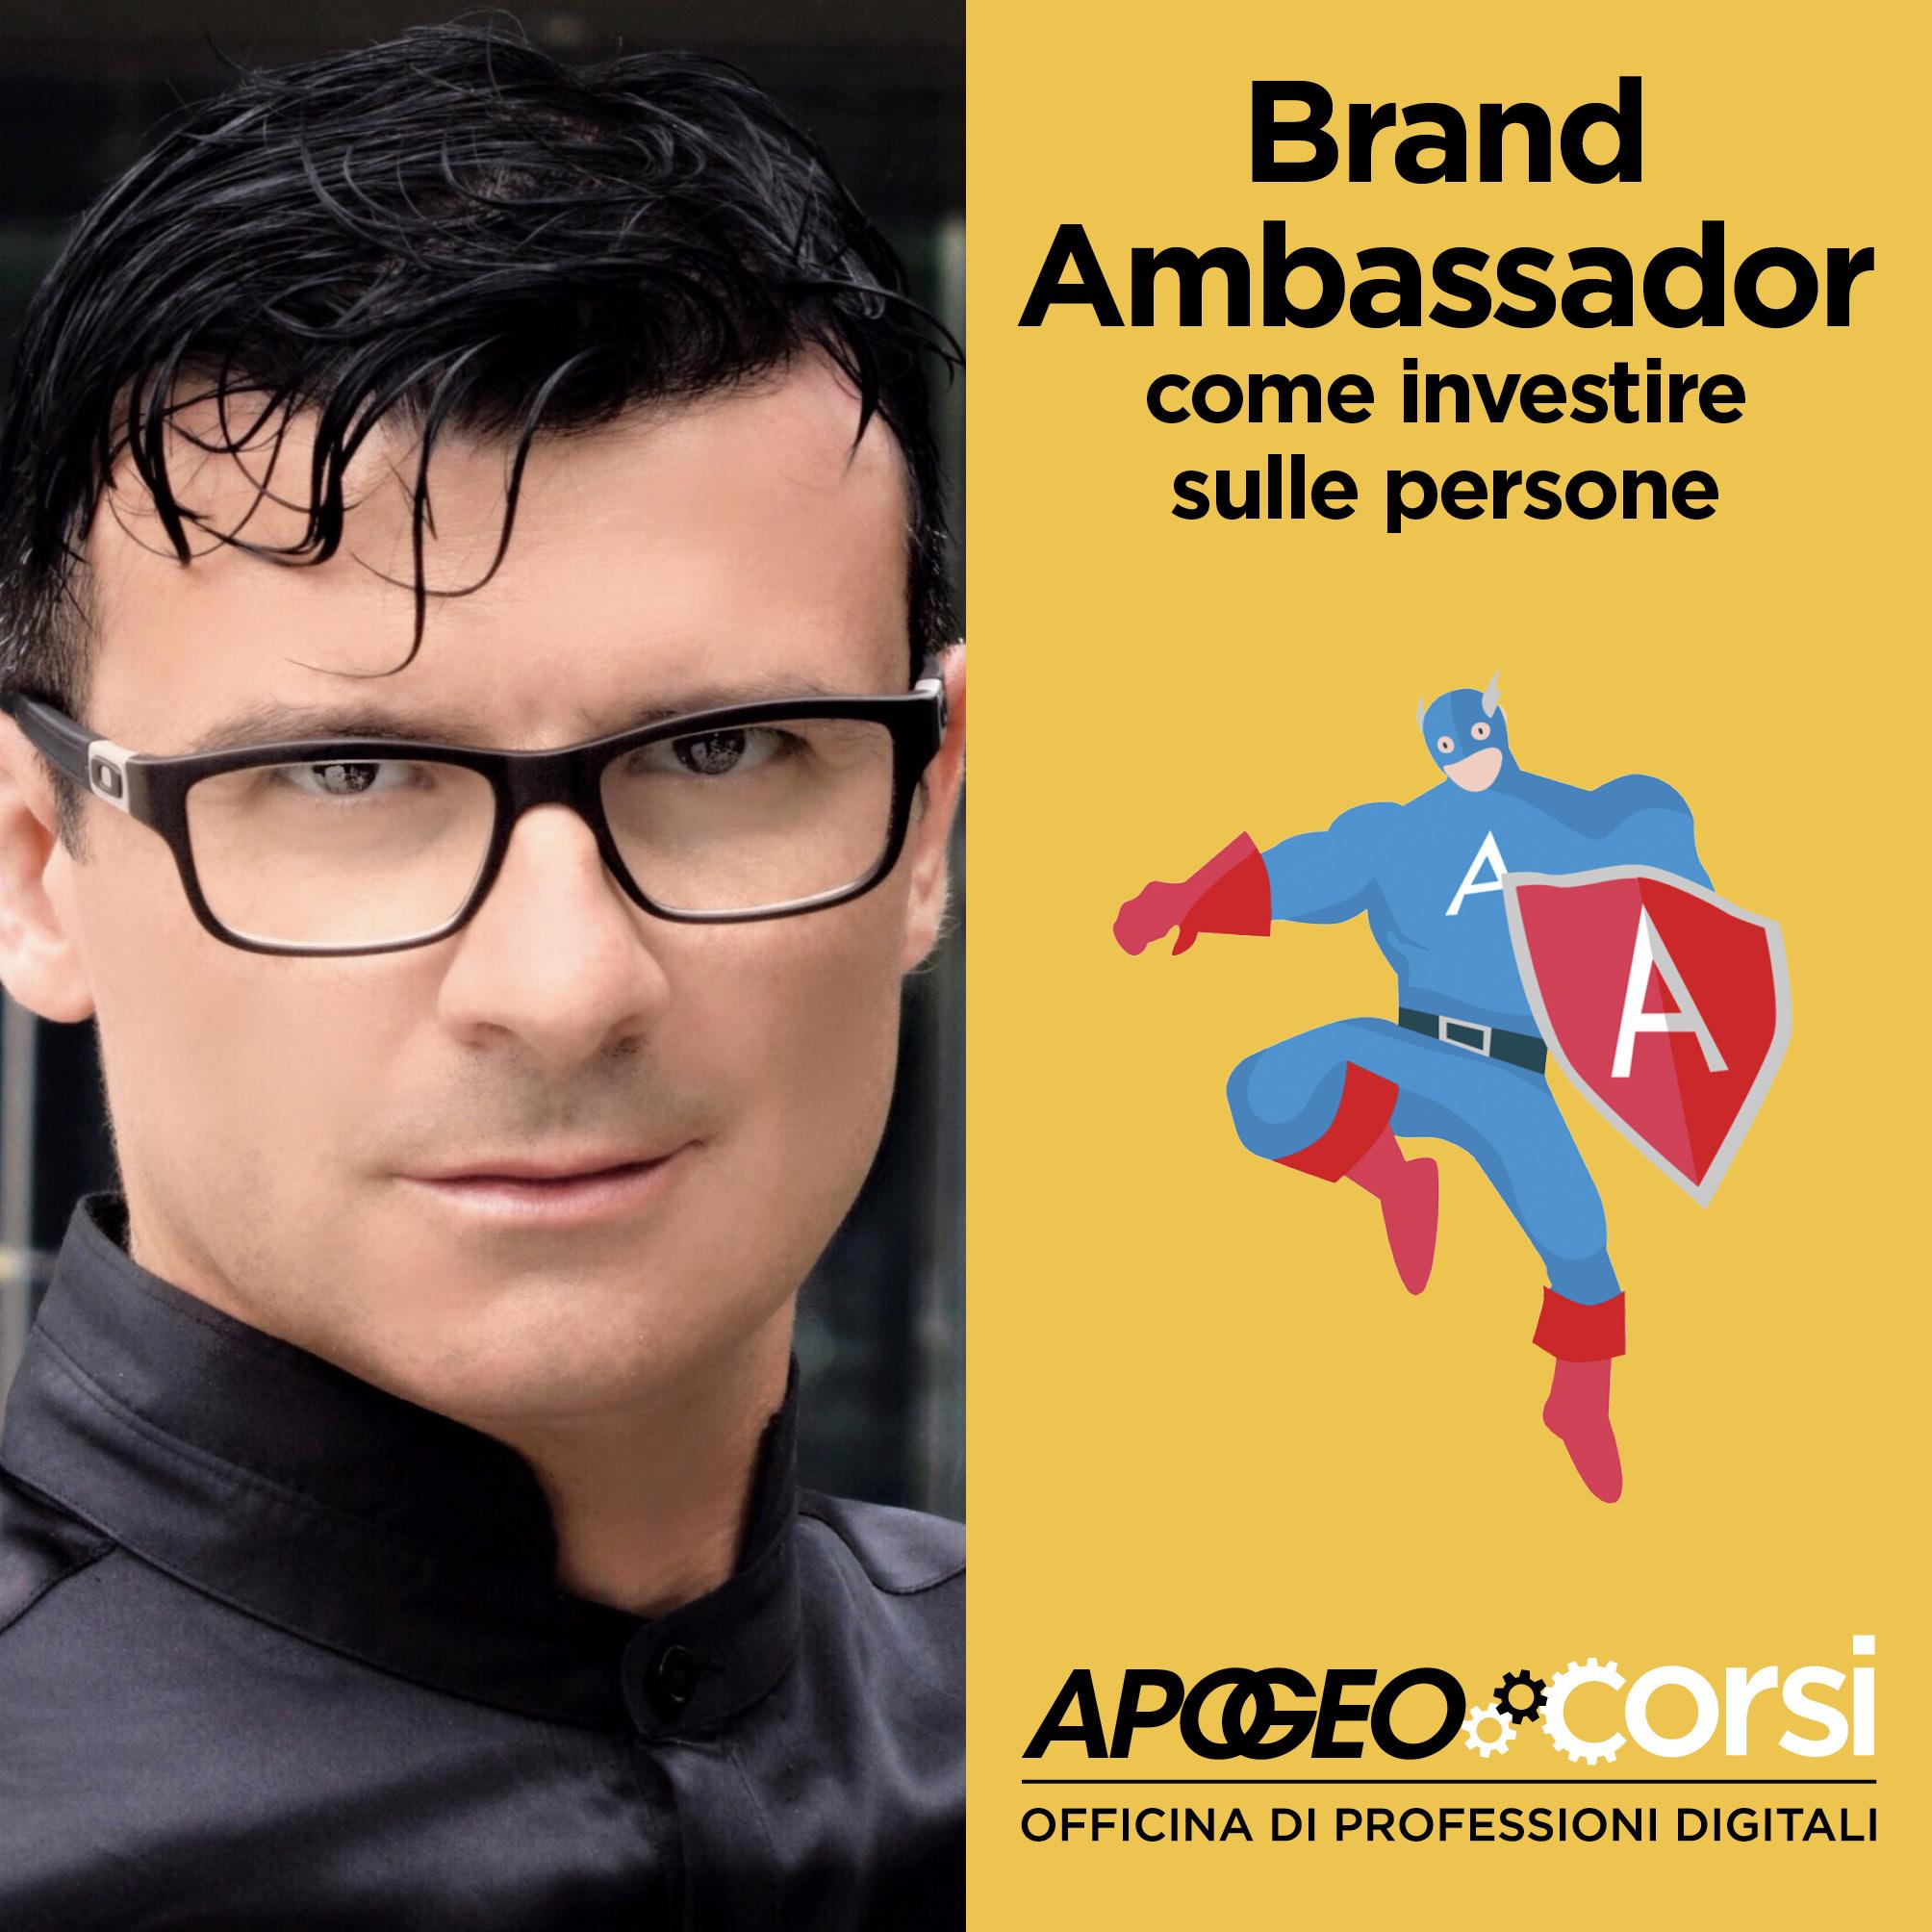 webinar-Brand-Ambassador-investire-sulle-persone-per-fare-crescere-le-imprese-cover